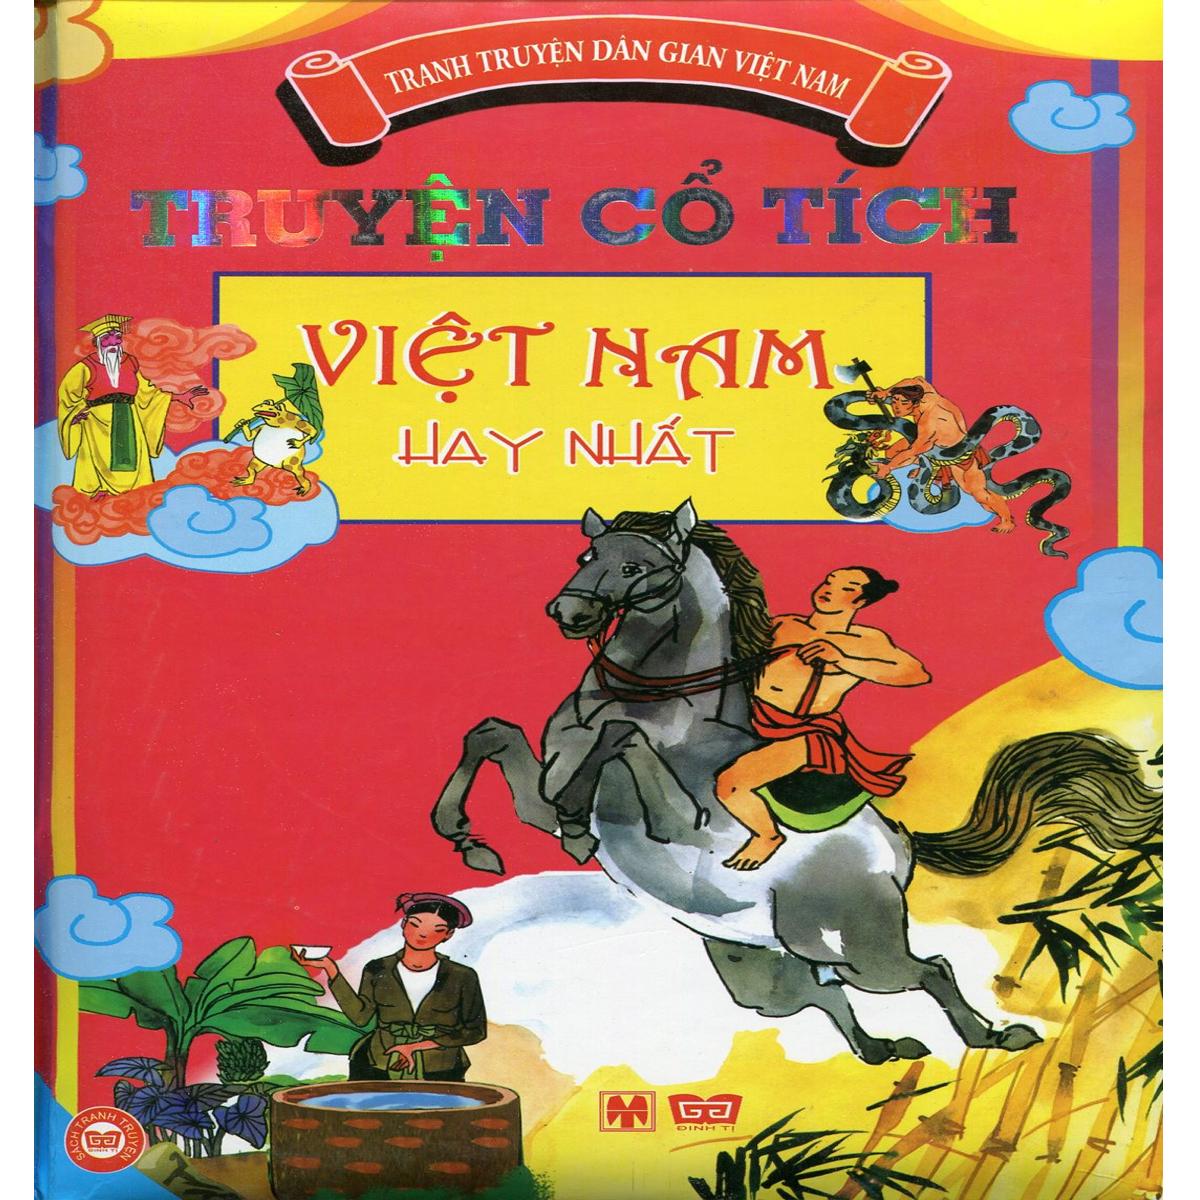 Truyen co tich Viet Nam hay nhat